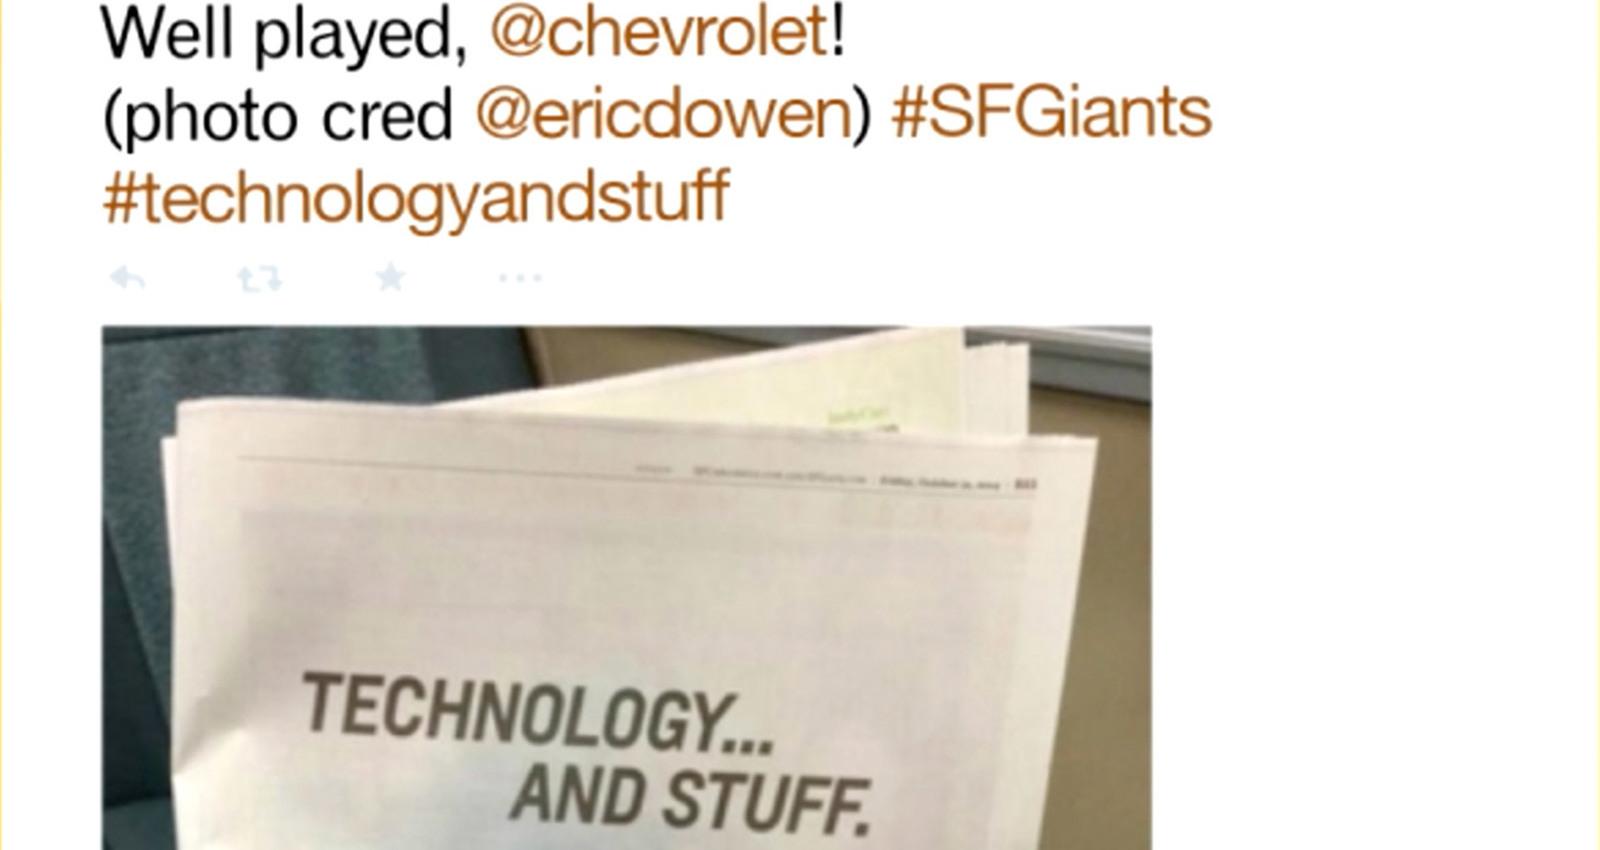 Technology & Stuff